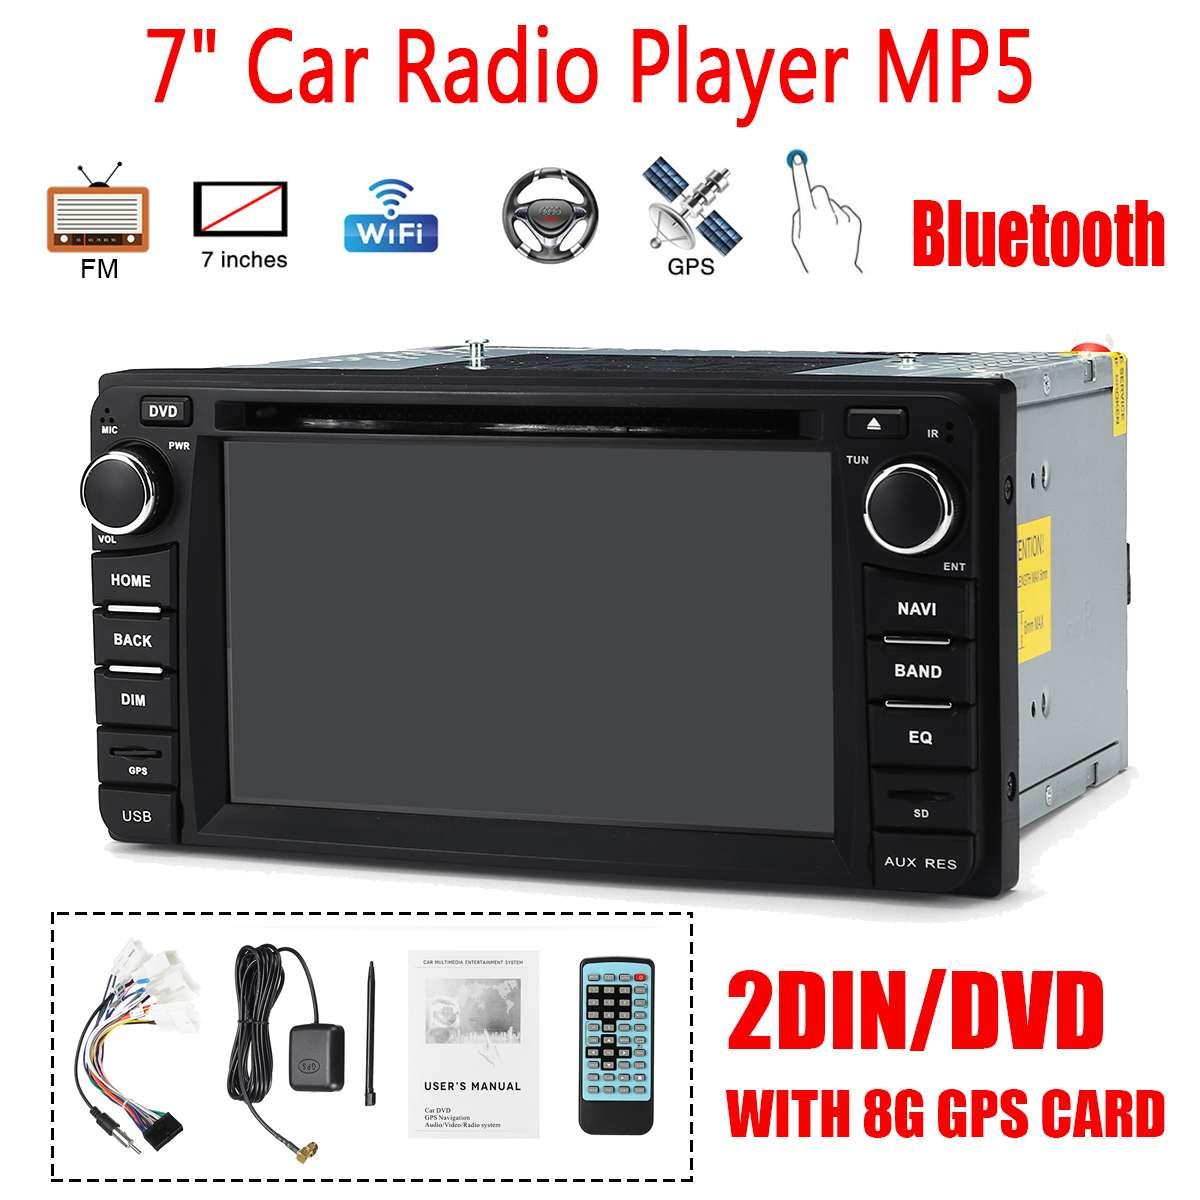 7 pouces 2 DIN 8G GPS carte bluetooth WiFi FM DVD autoradio MP5 lecteur DVD CD écran tactile pour Toyota voiture lecteur multimédia